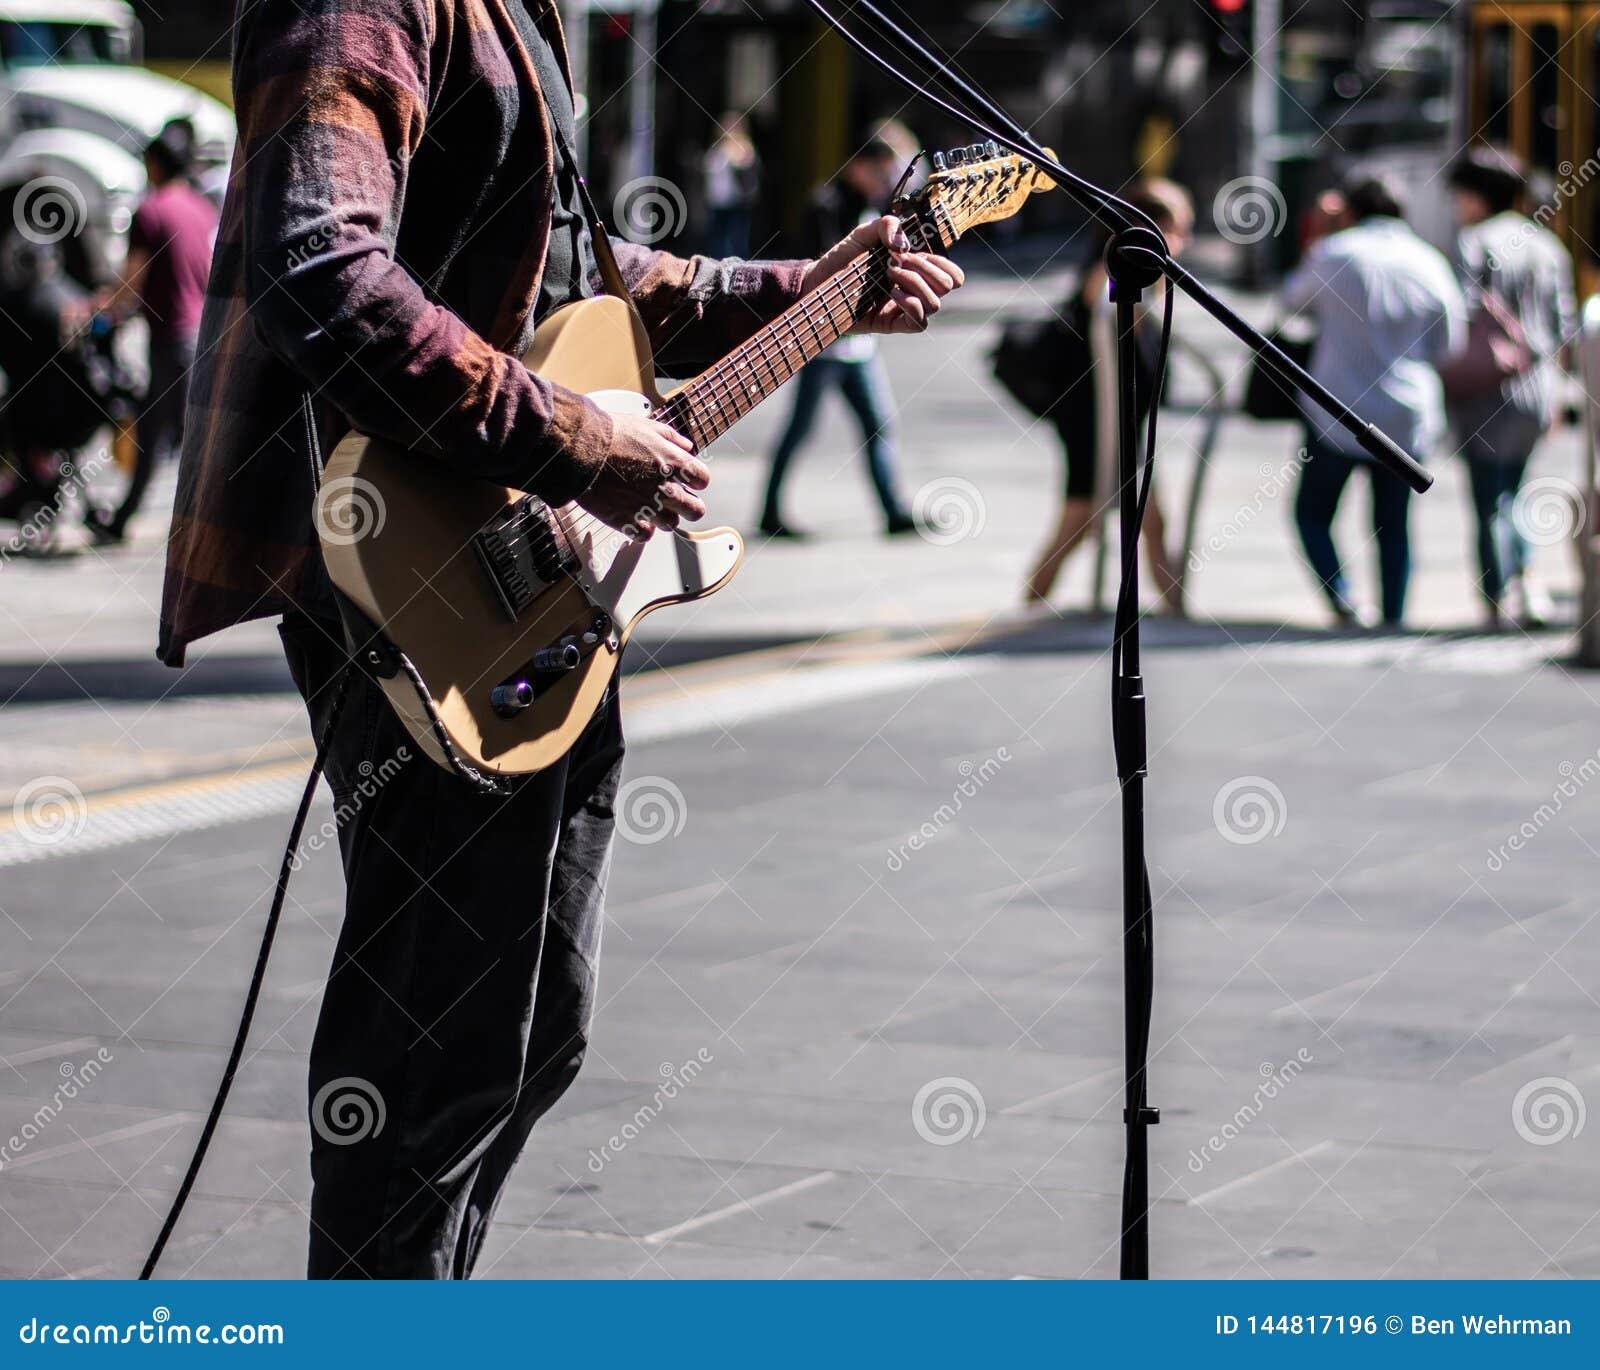 Musicien de rue jouant la guitare